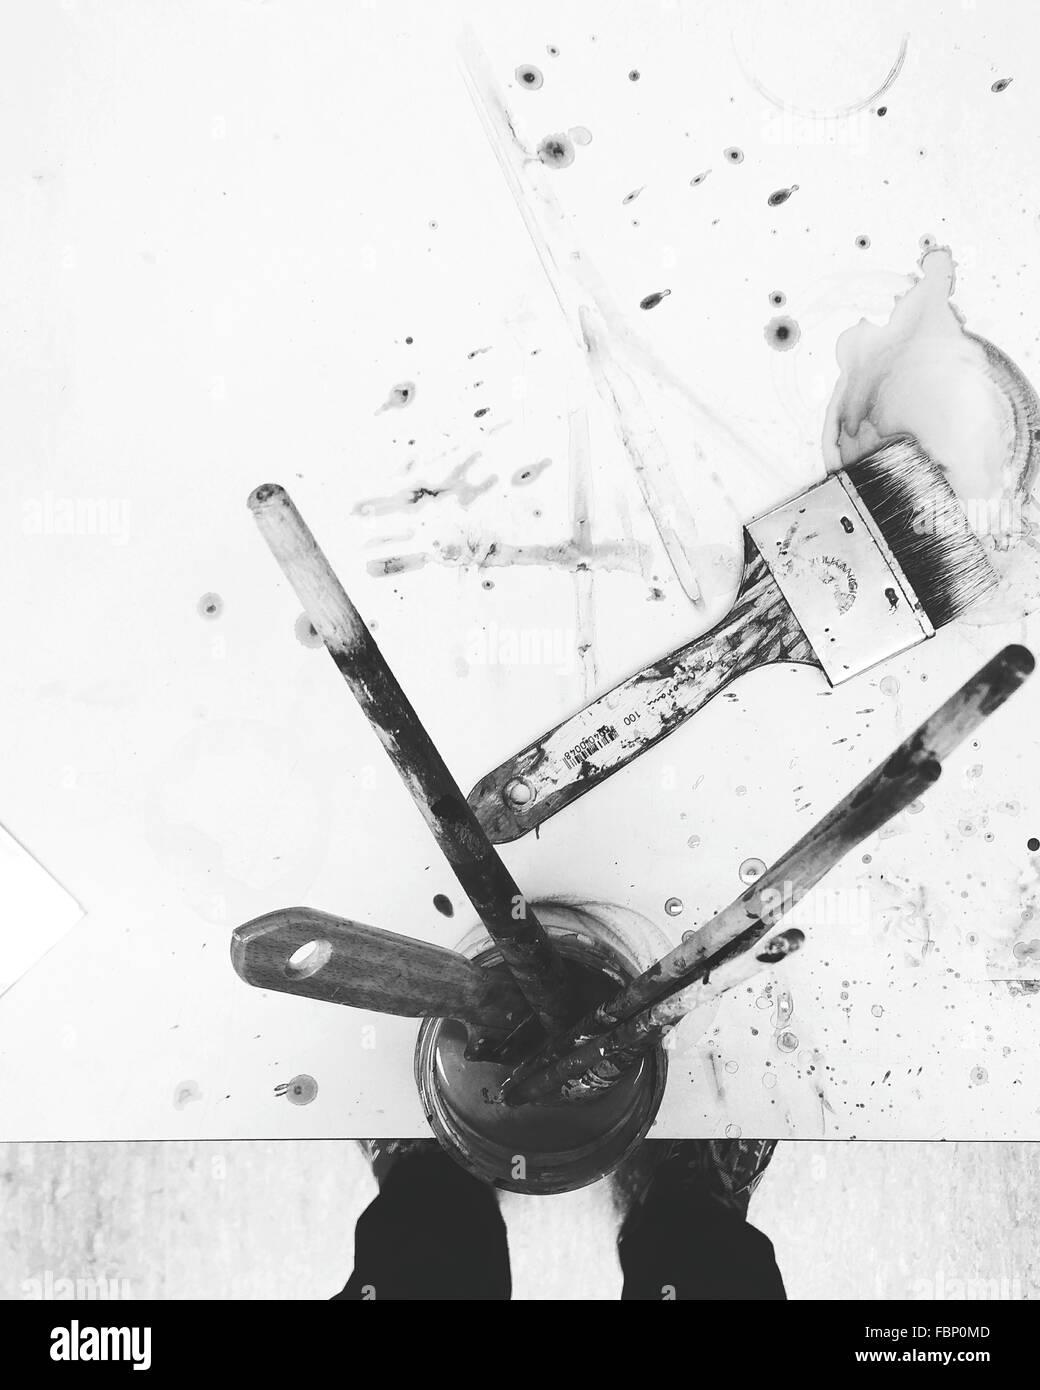 La section basse de l'Homme debout par l'équipement de peinture sur table Photo Stock